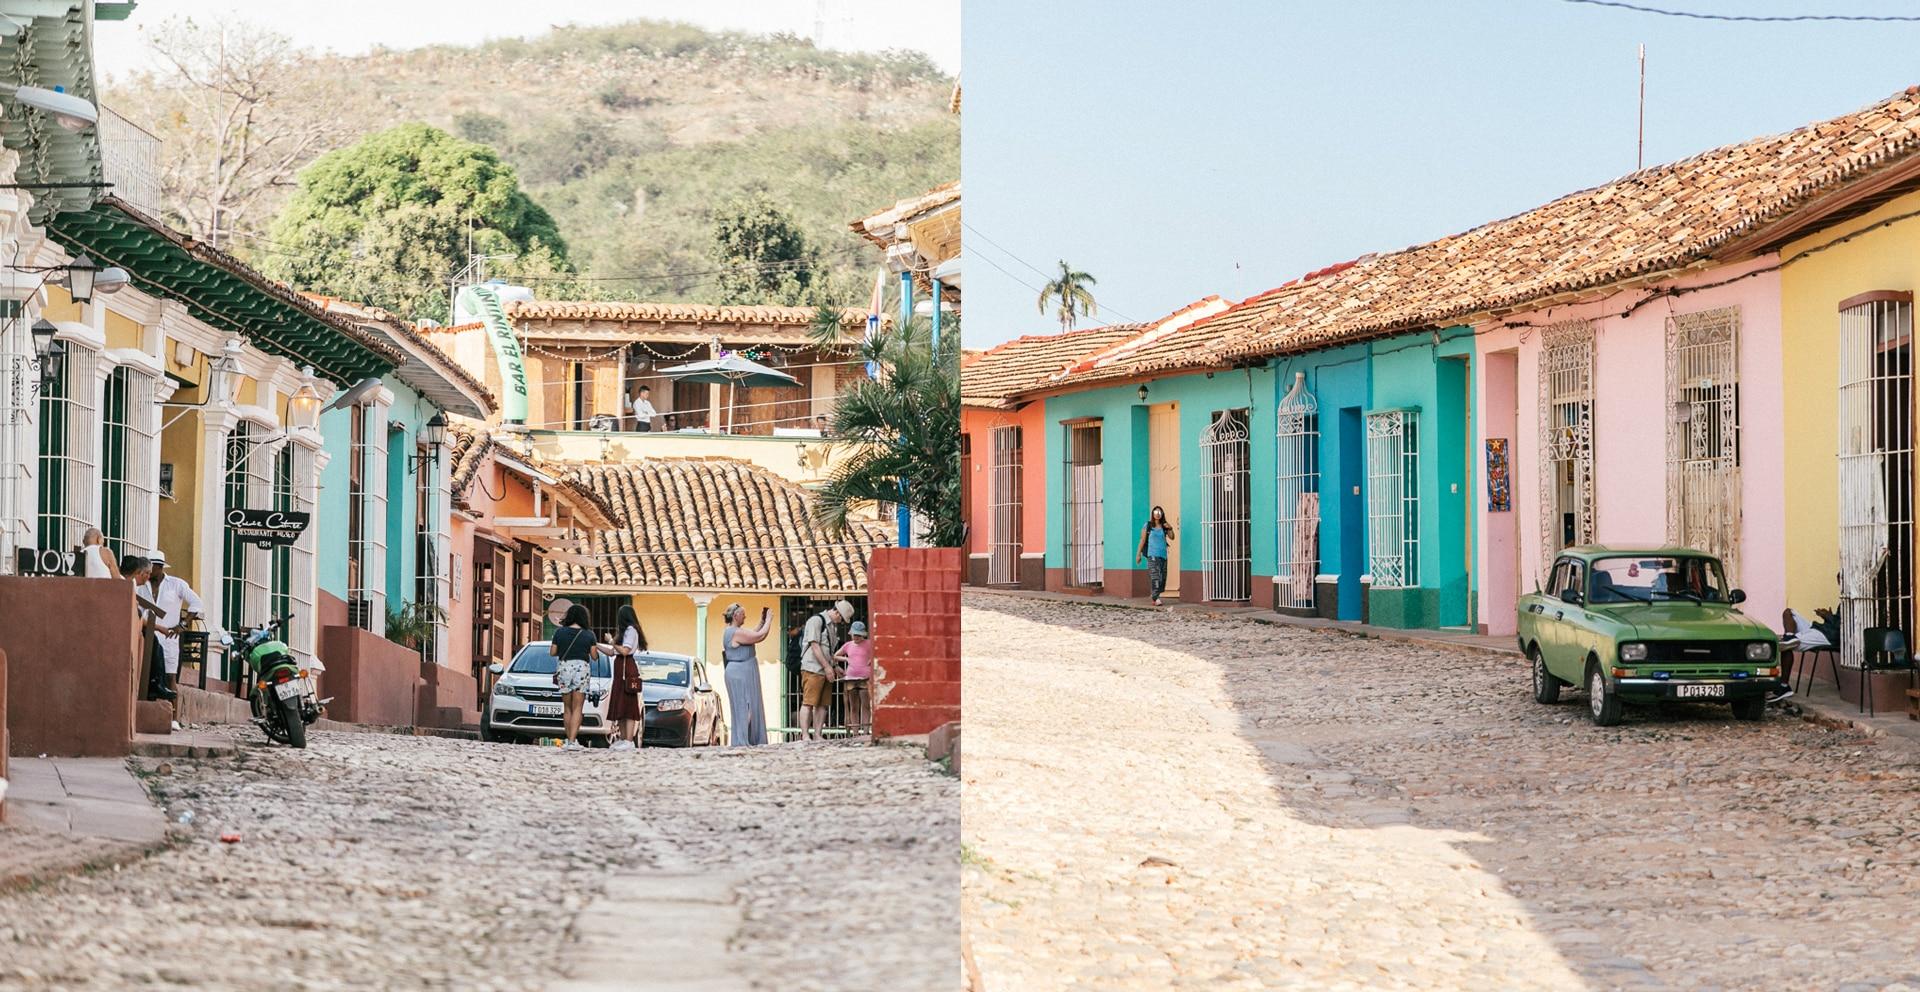 Trinidad cuba blog voyage